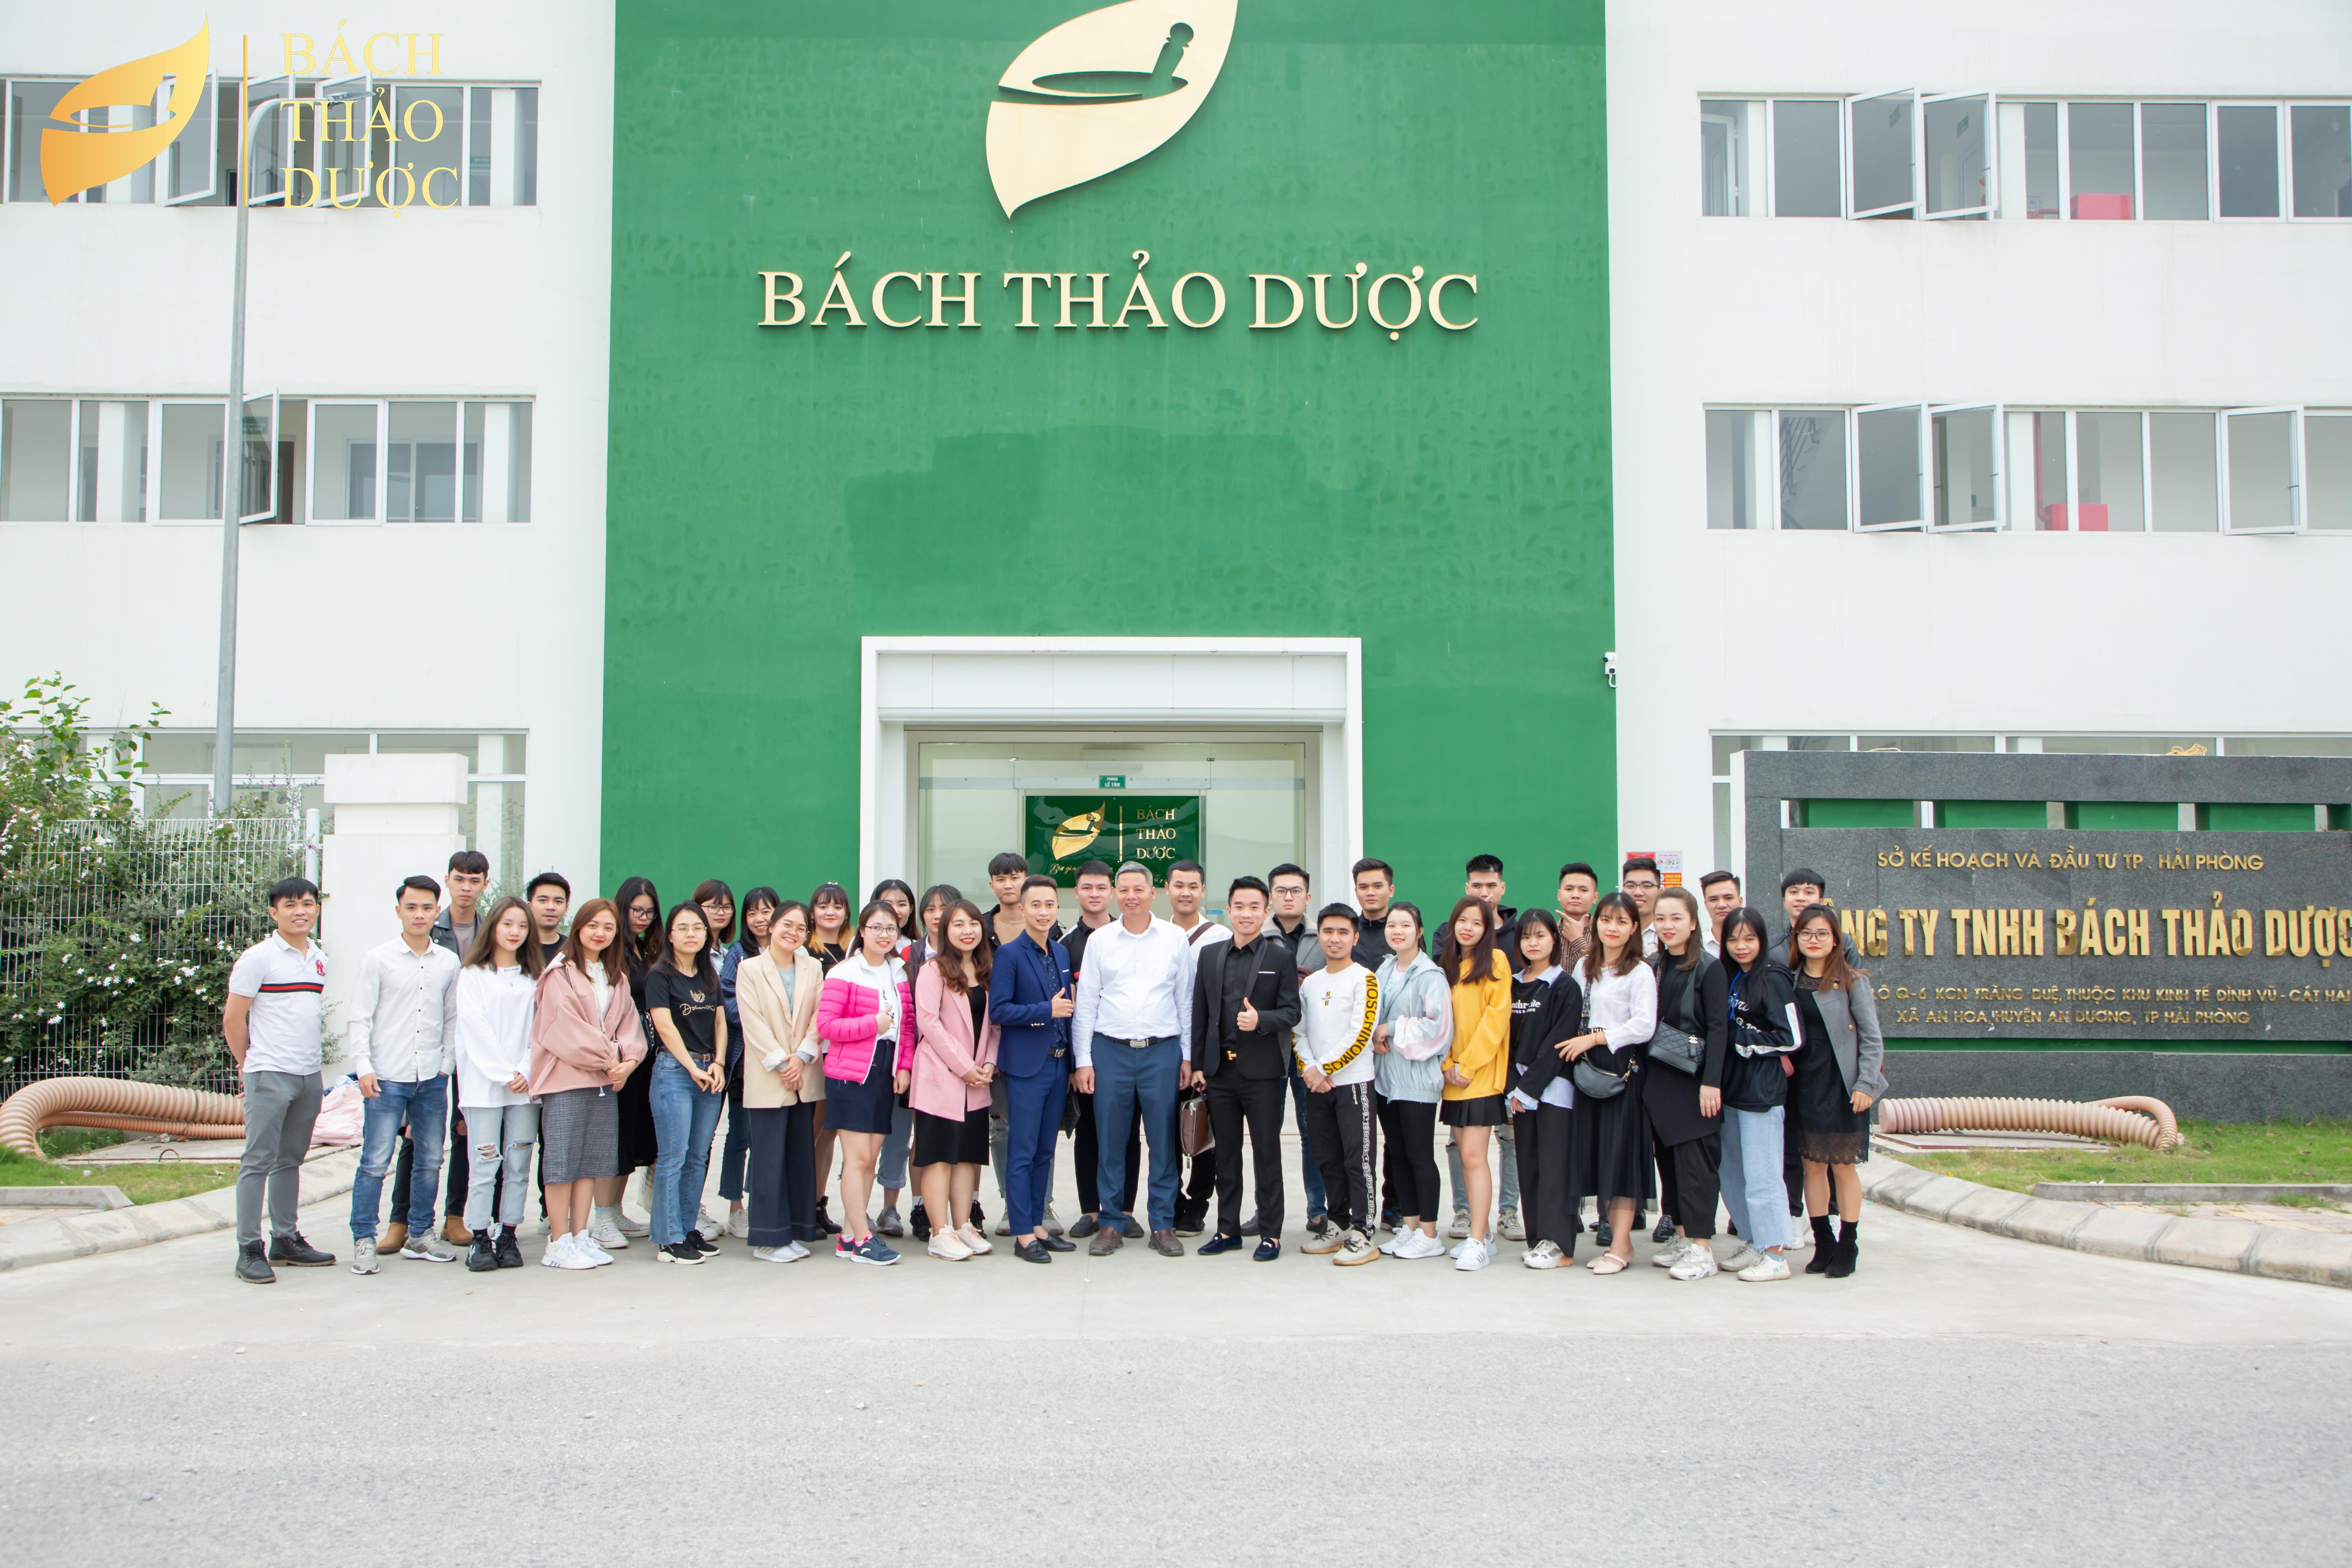 Công ty TNHH WINFA tham quan Nhà máy sản xuất TPCN BÁCH THẢO DƯỢC